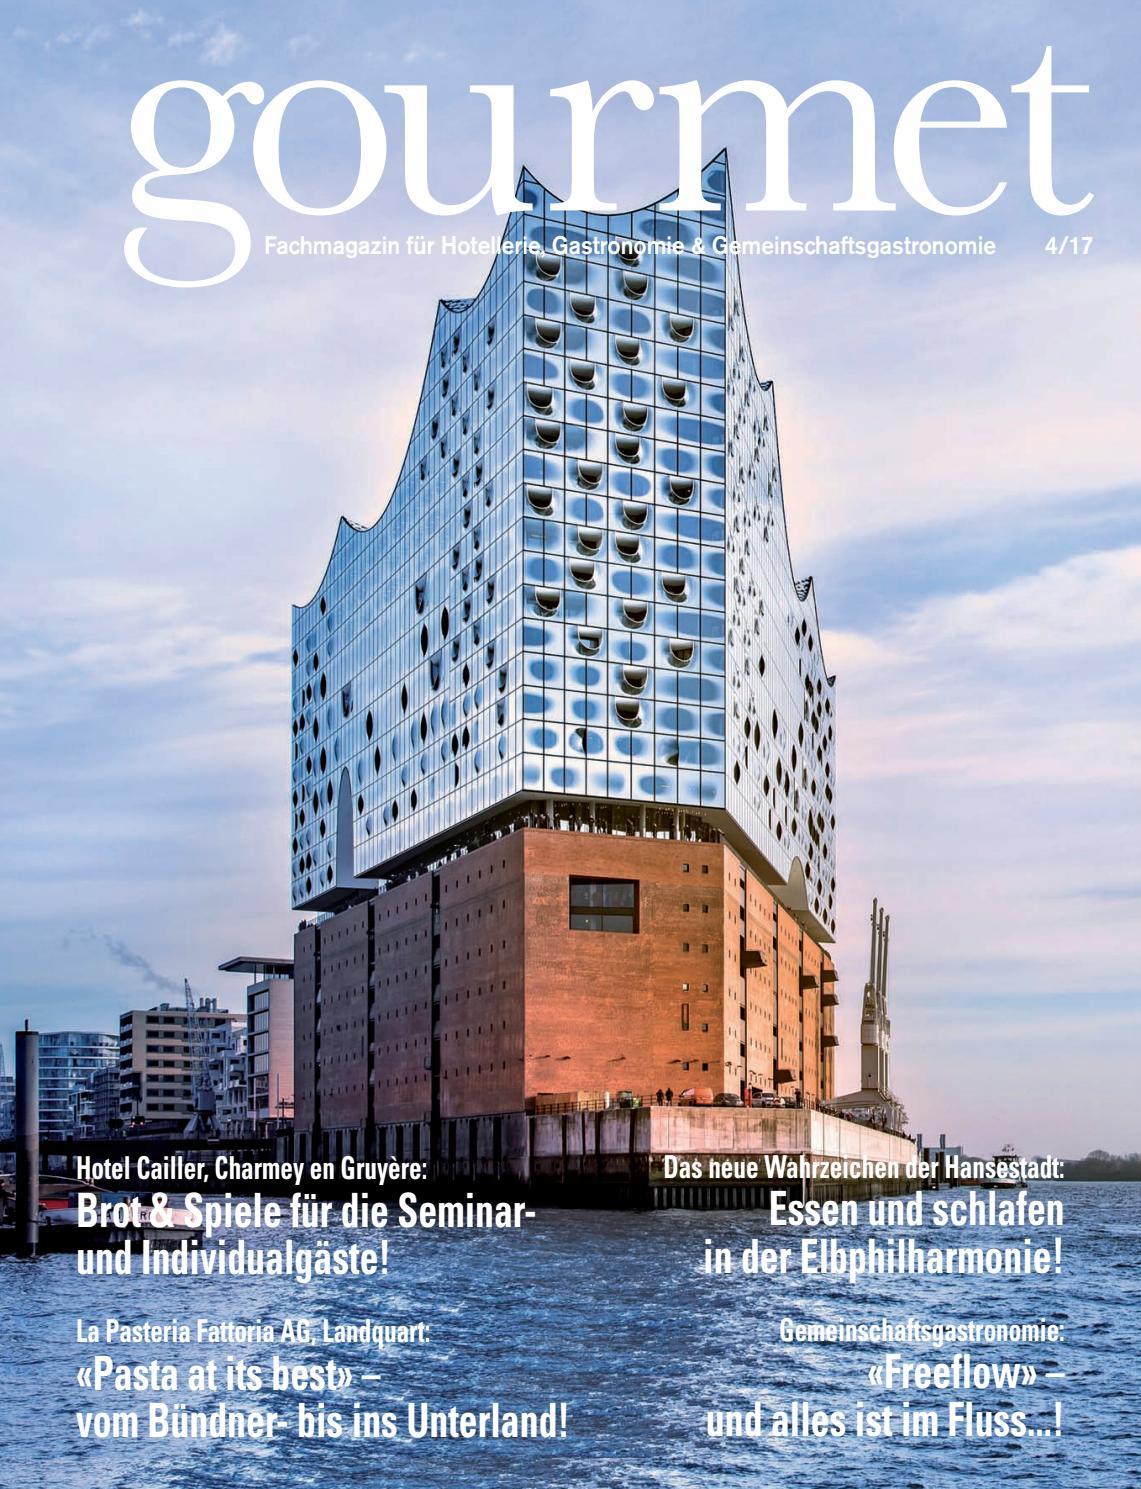 GOURMET 4/17 by Gourmet Verlag - issuu